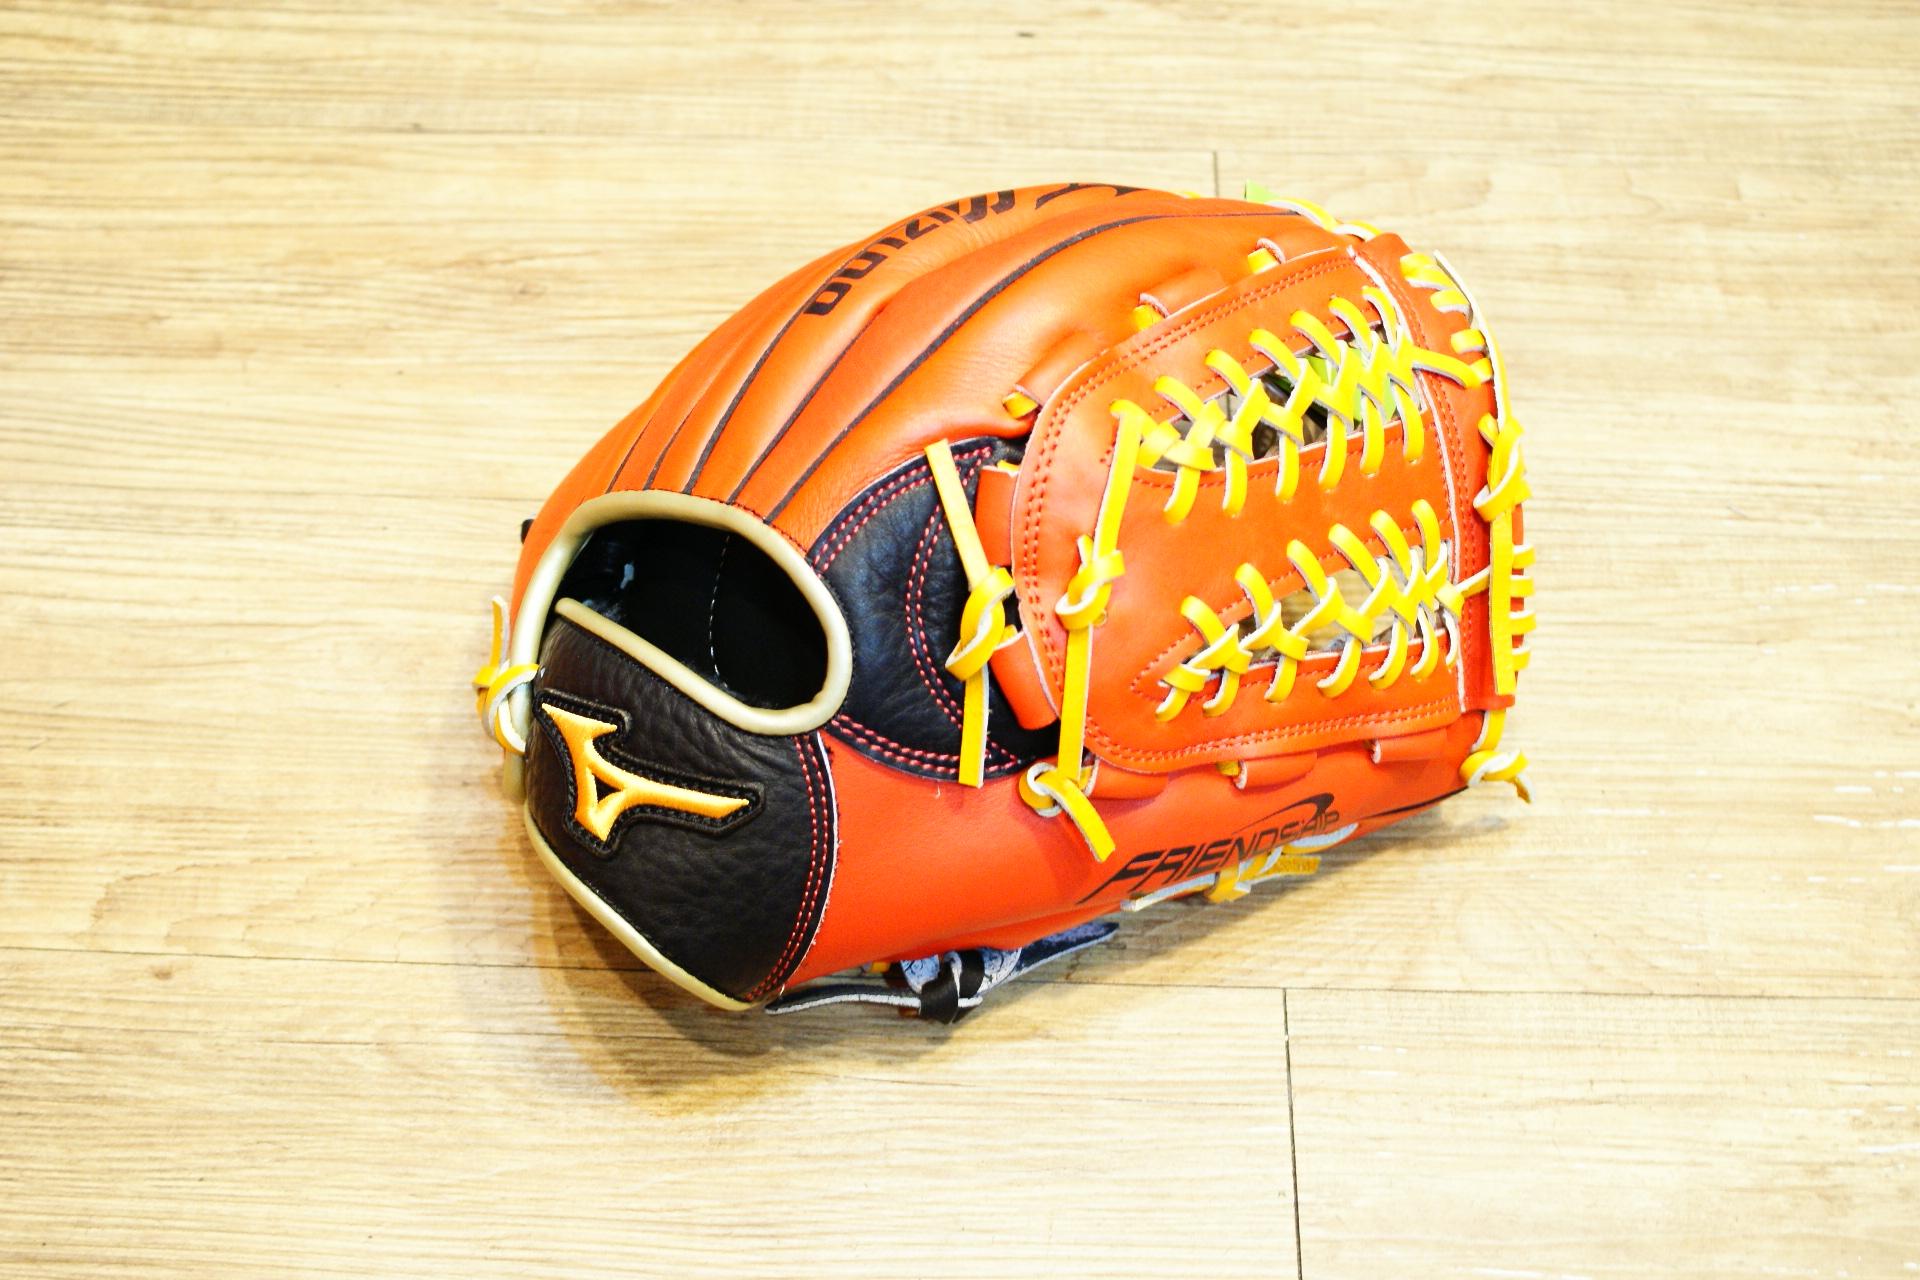 棒球世界 Mizuno 美津濃 FRIEND SHIP 壘球手套 1ATGS50870 特價黑橘配色 內網